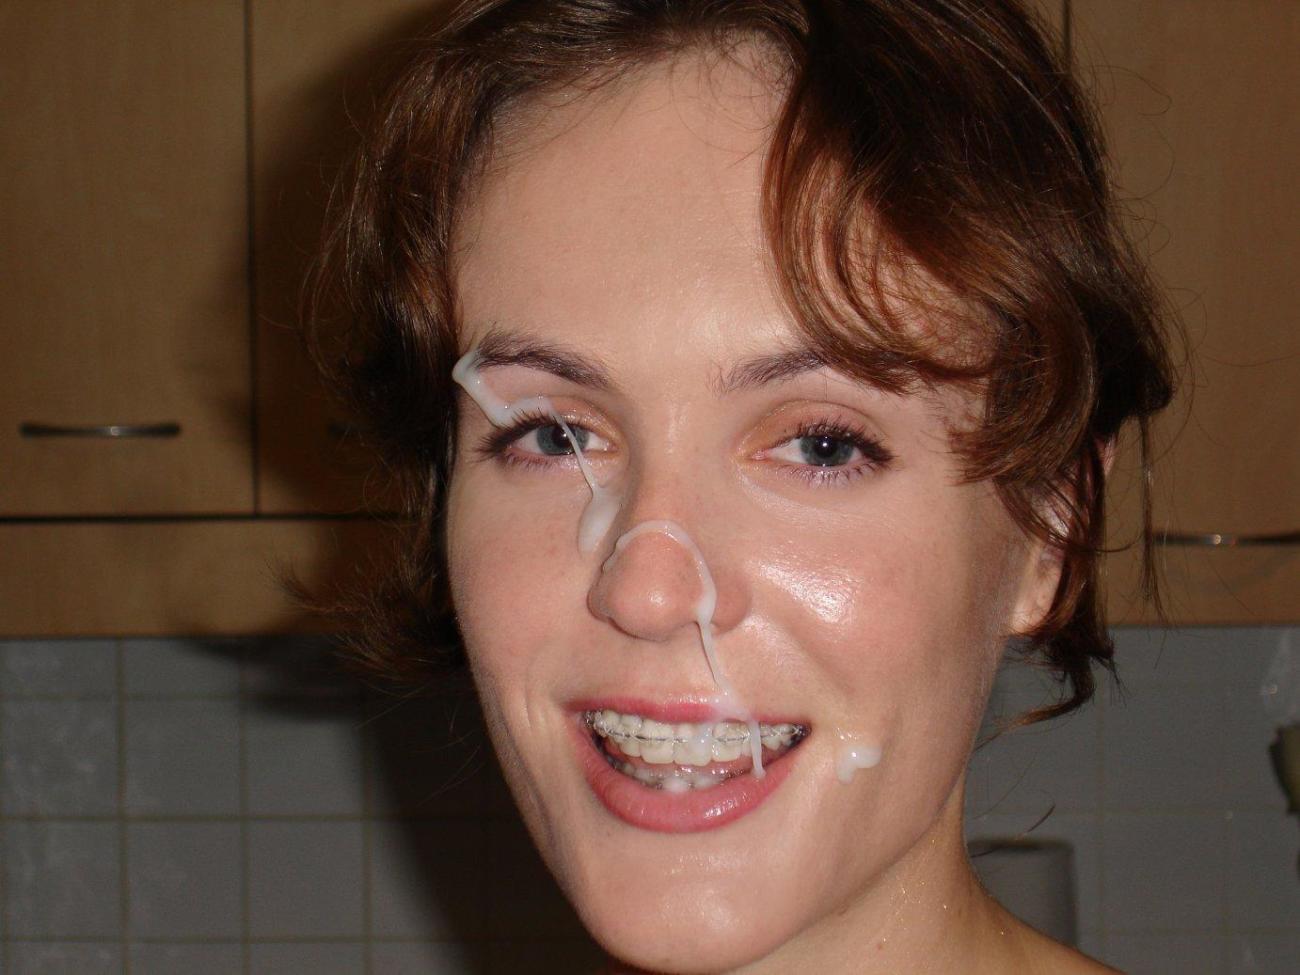 Beautiful Teen With Braces Cum Facial